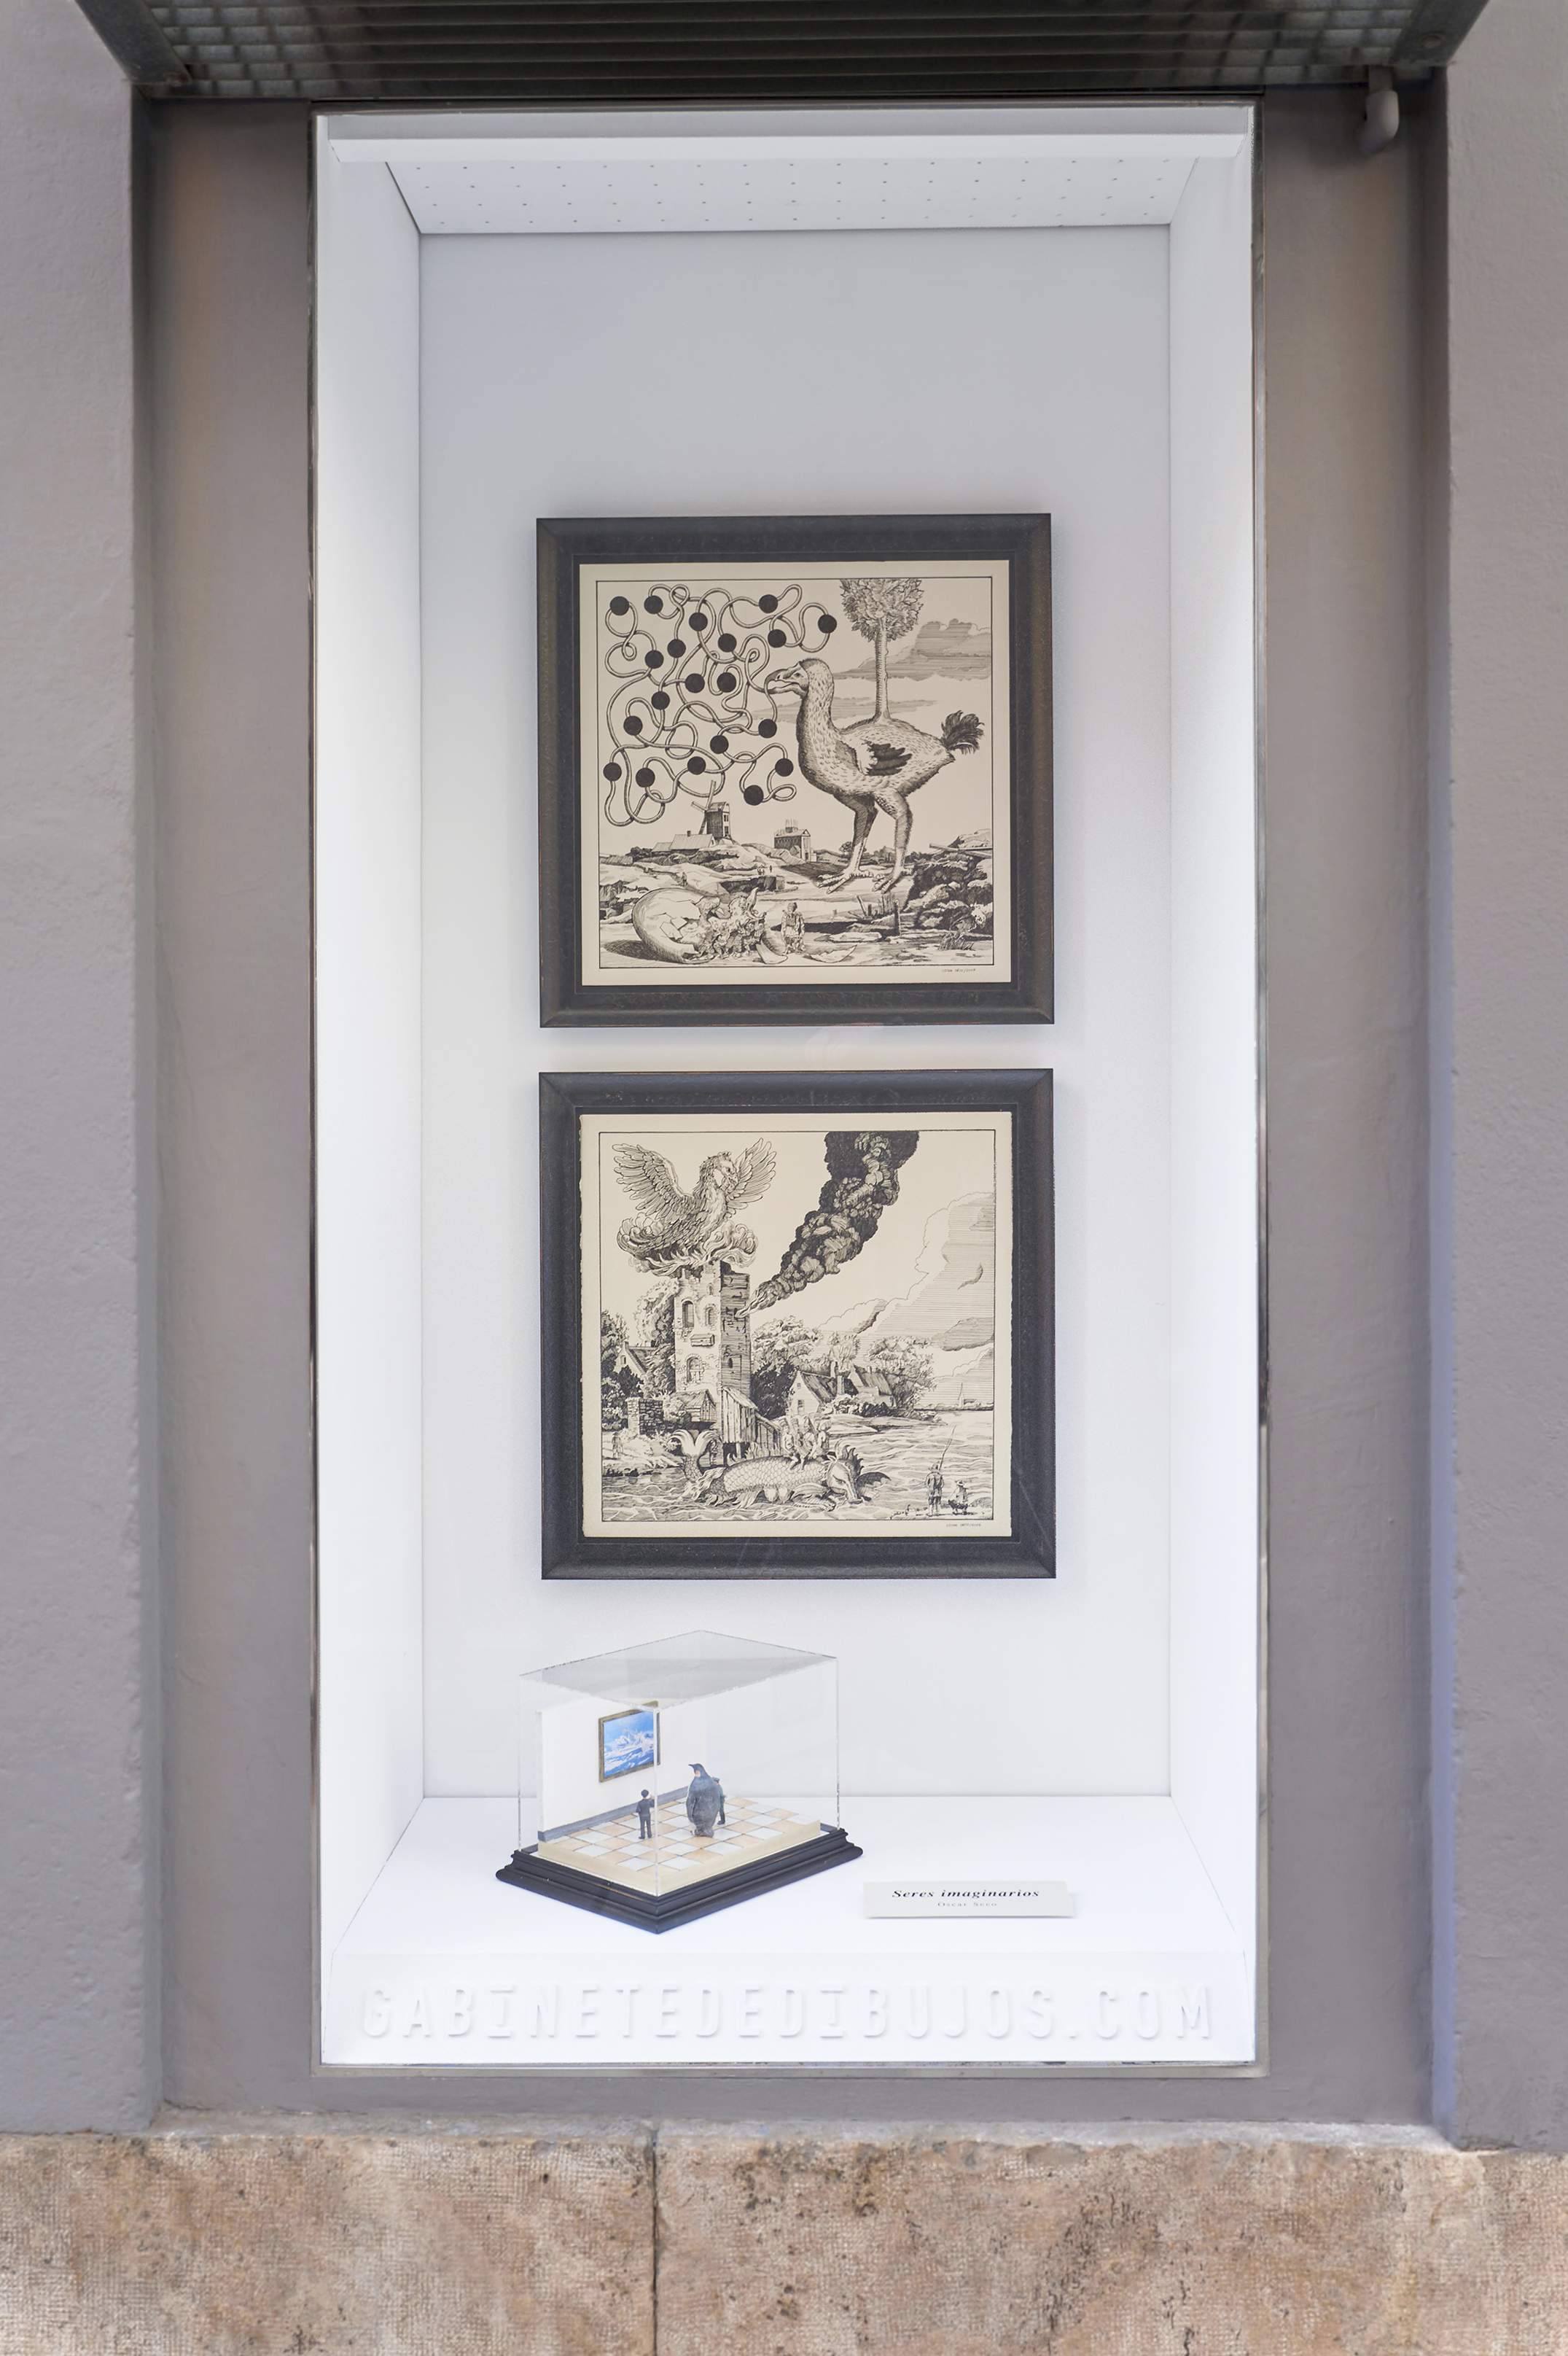 SERES IMAGINARIOS de Óscar Seco en el Gabinete de dibujos